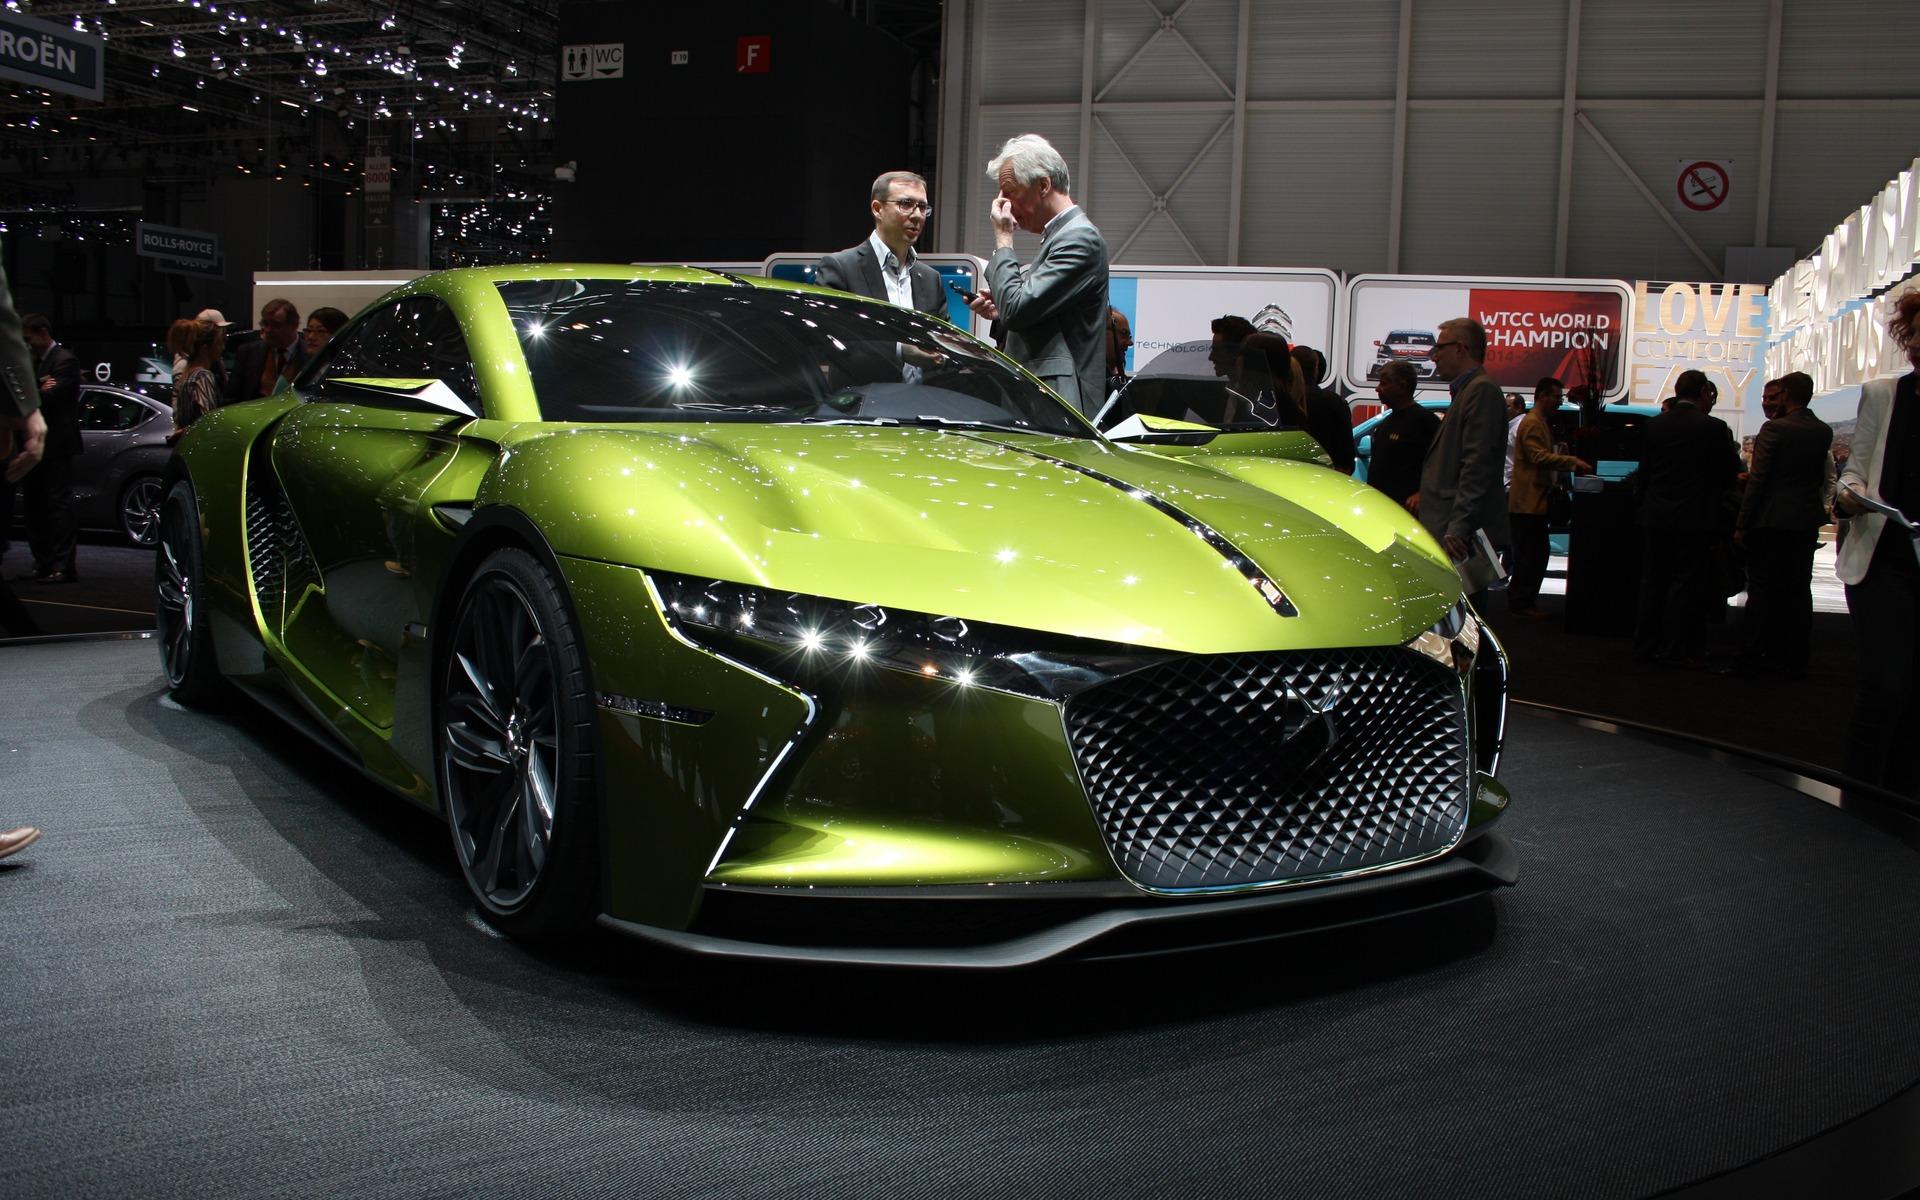 Le concept Citroën tout électrique produisant 400 chevaux métriques